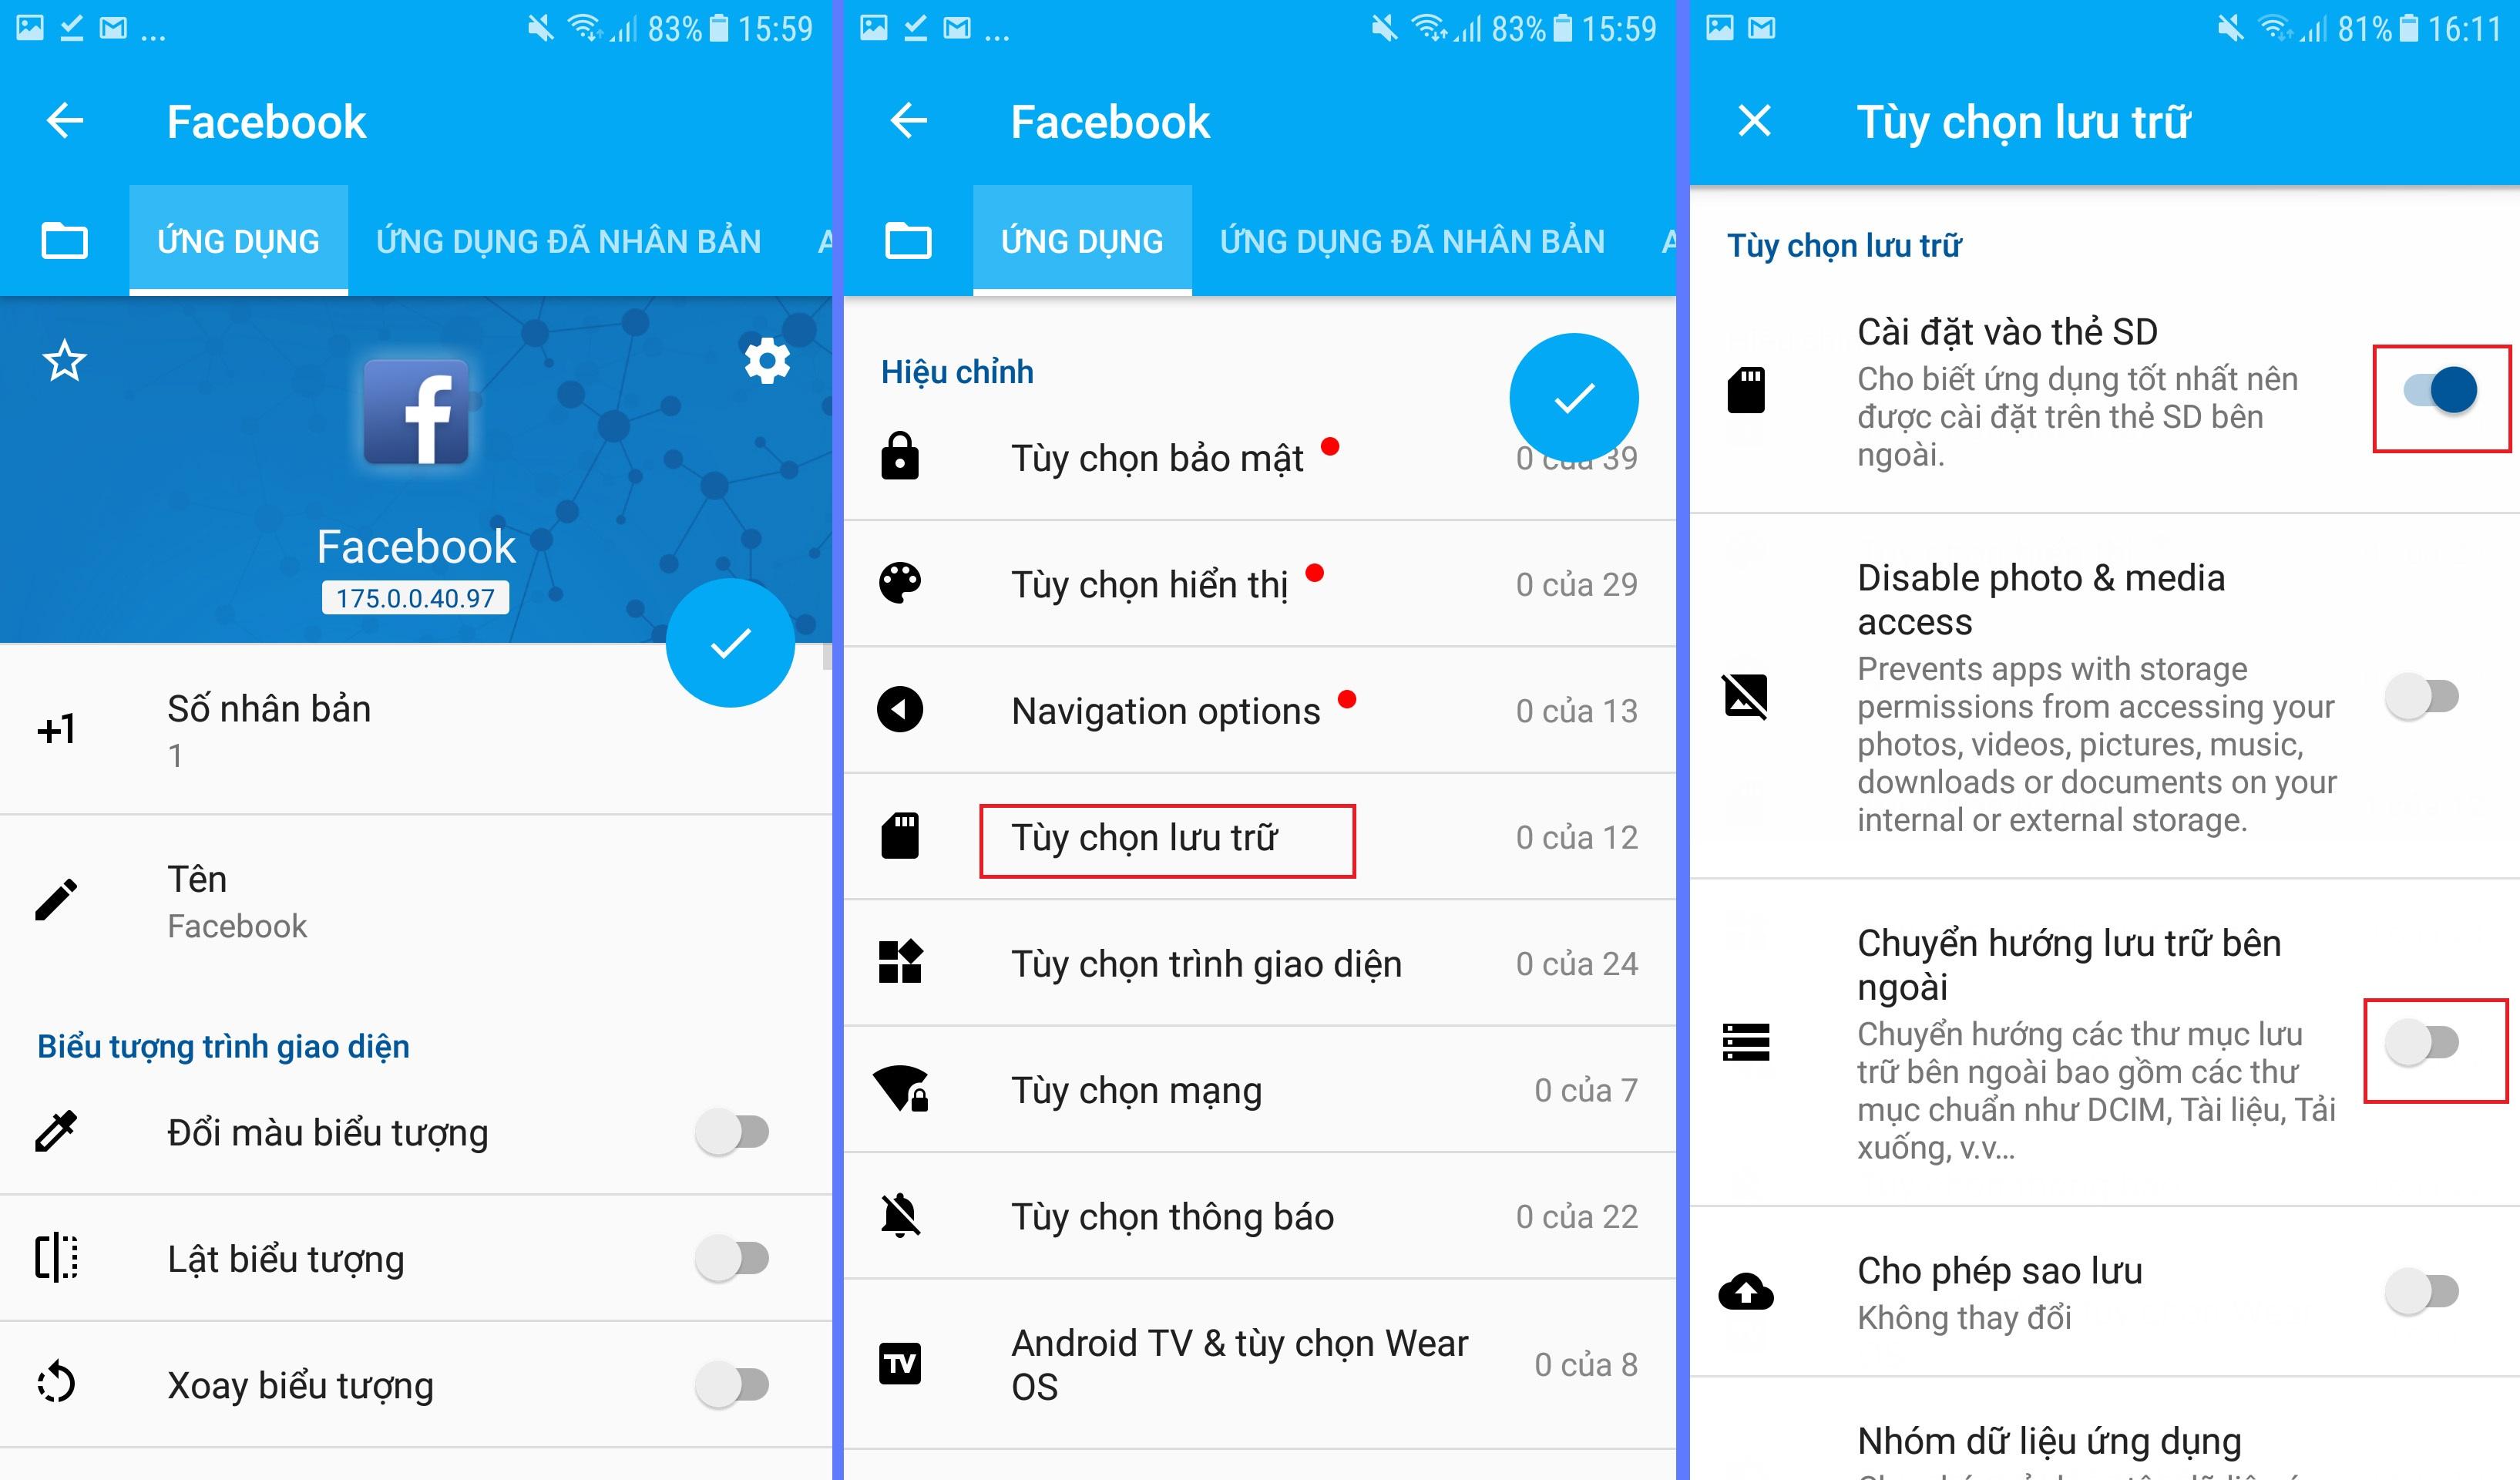 Hướng dẫn cài đặt và nhân bản app Facebook nuôi nick điện thoại Ninja System